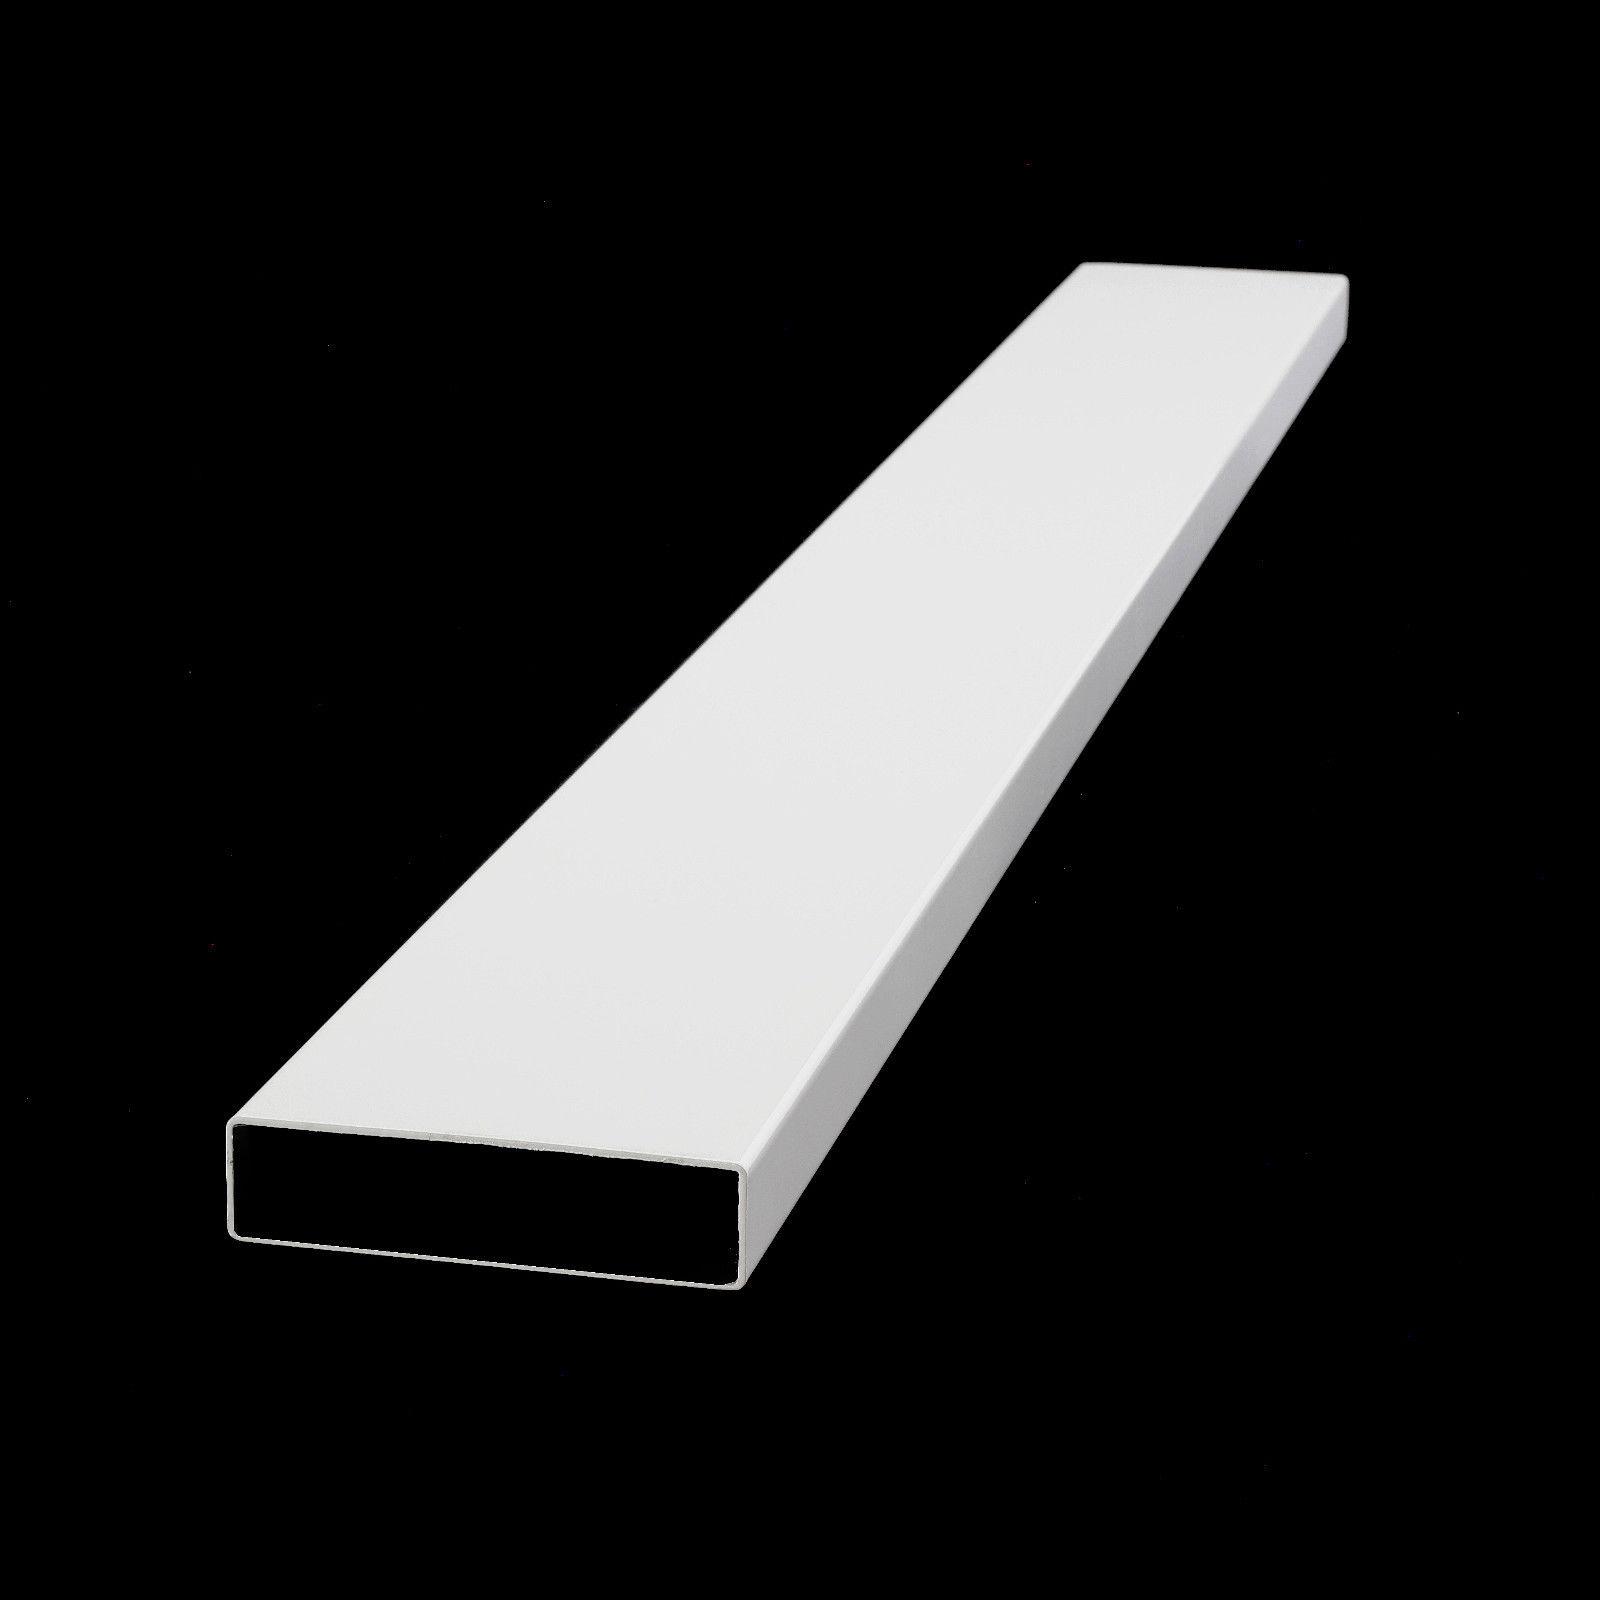 Blanc profil d aluminium trav e de cl ture portail for Travee de cloture aluminium